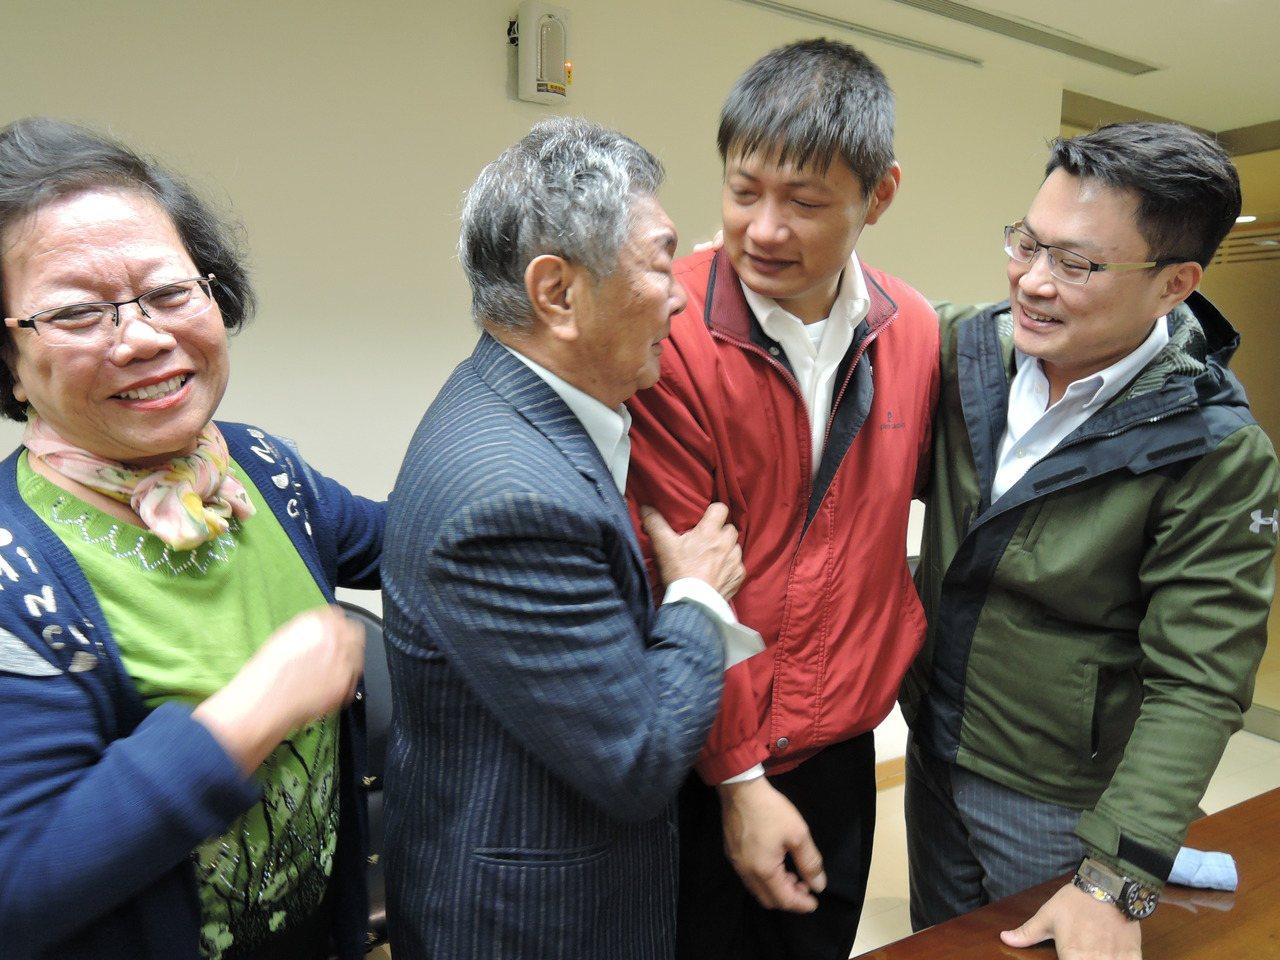 電視台記者傅家慶(右)和父母今天當面向救命恩人張慶龍(右二)道 謝。記者陳珮琦/...